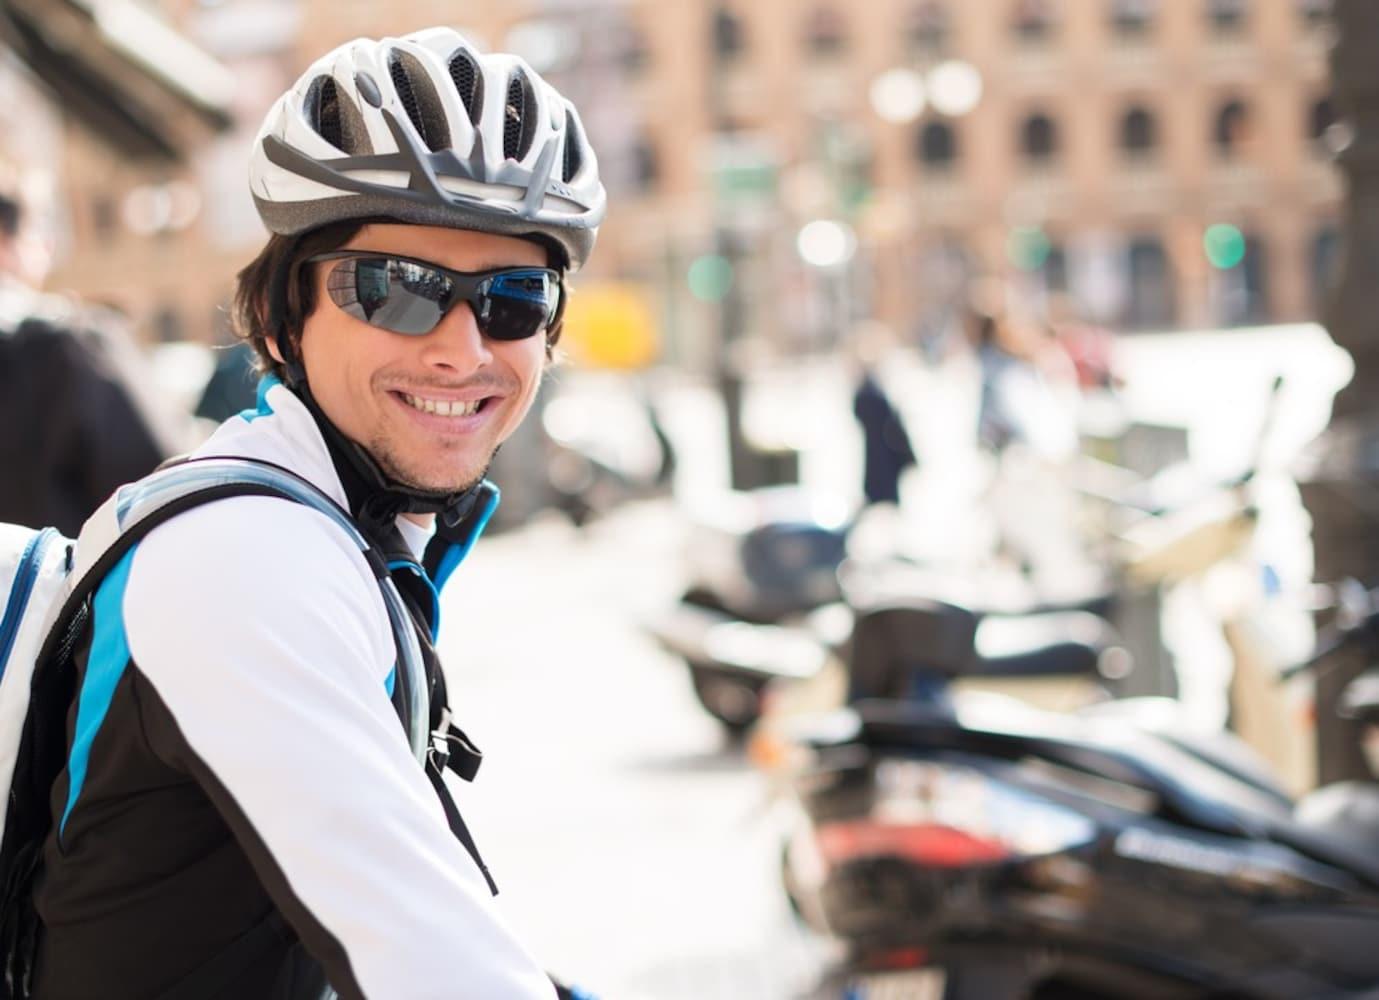 ヘルメットとサングラスを身に着けた男性ライダー